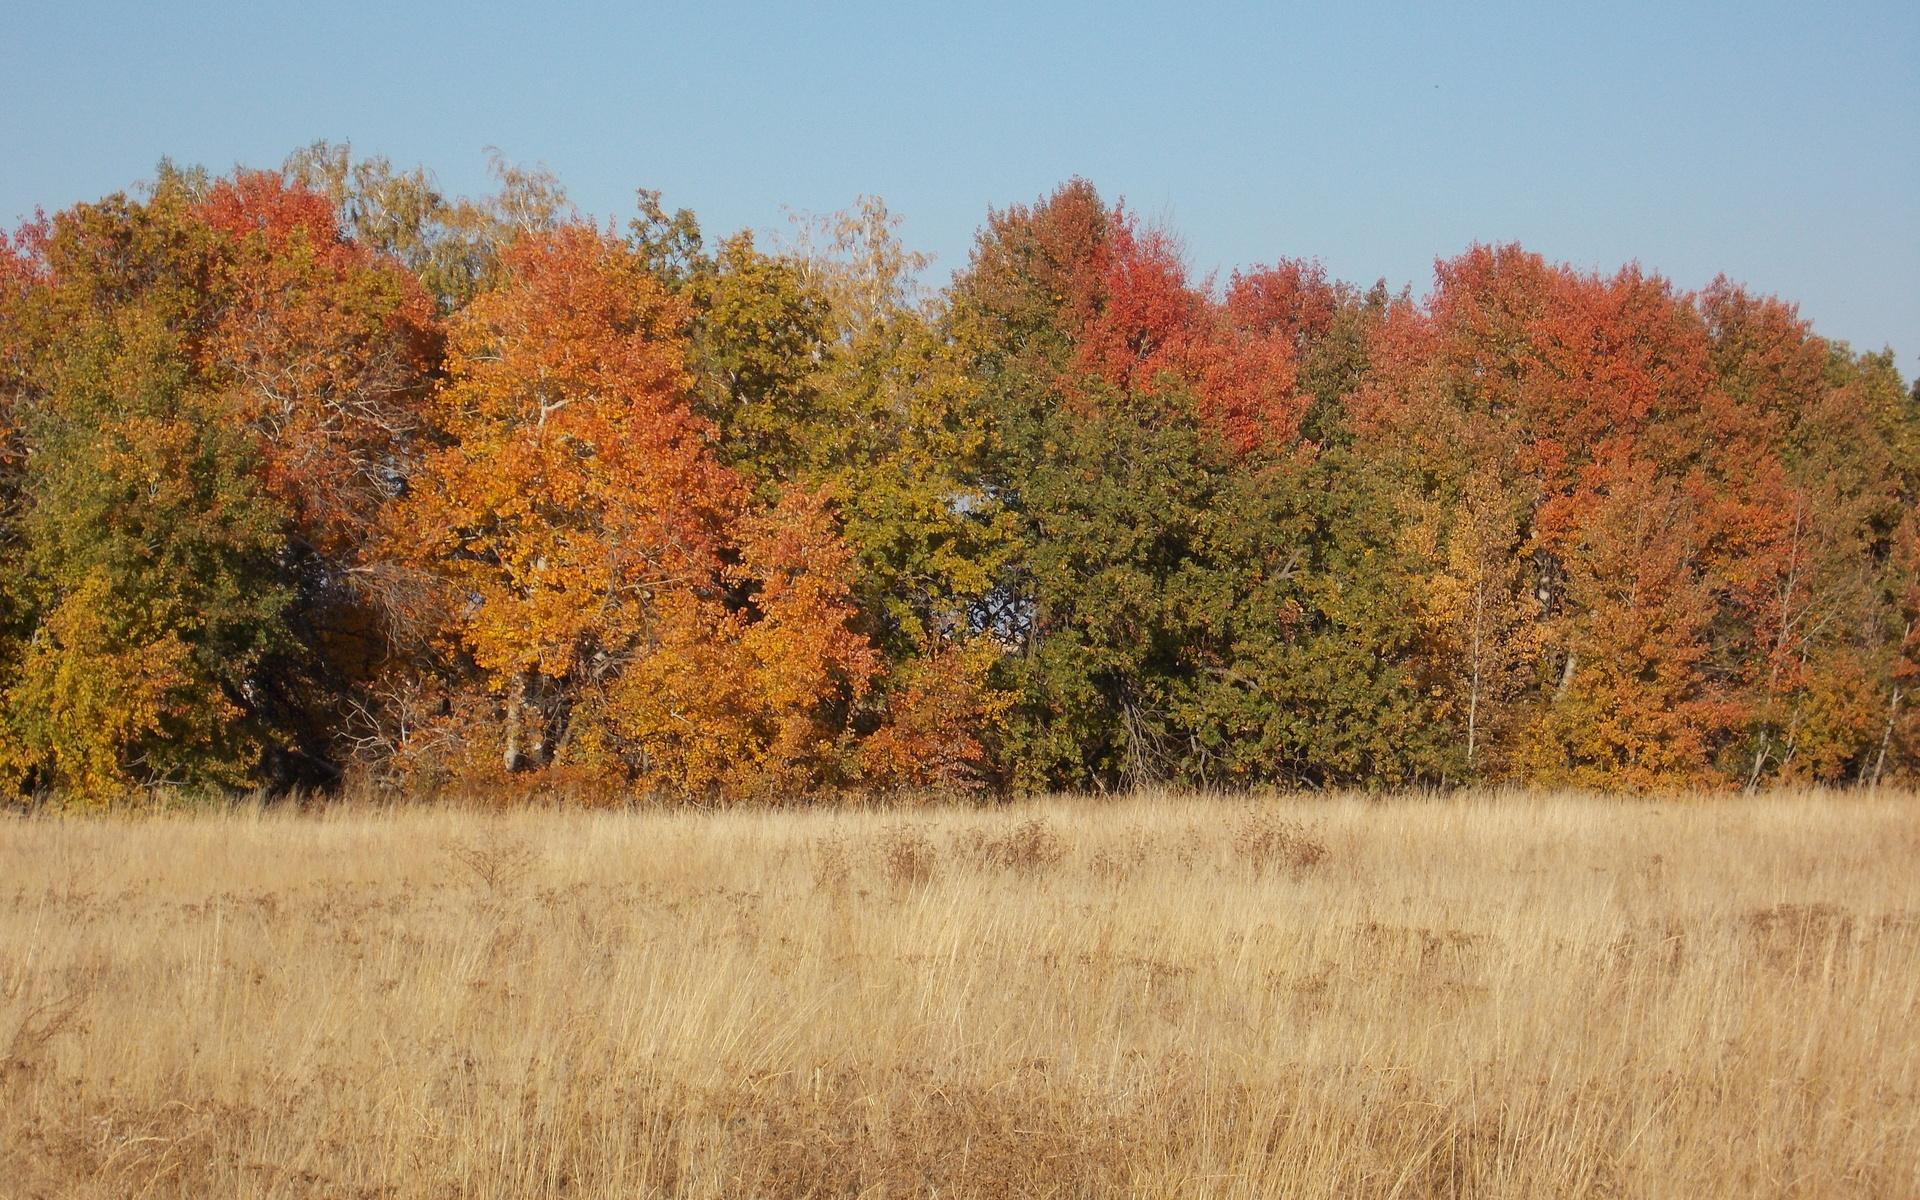 осень, деревья, поле,небо, природа